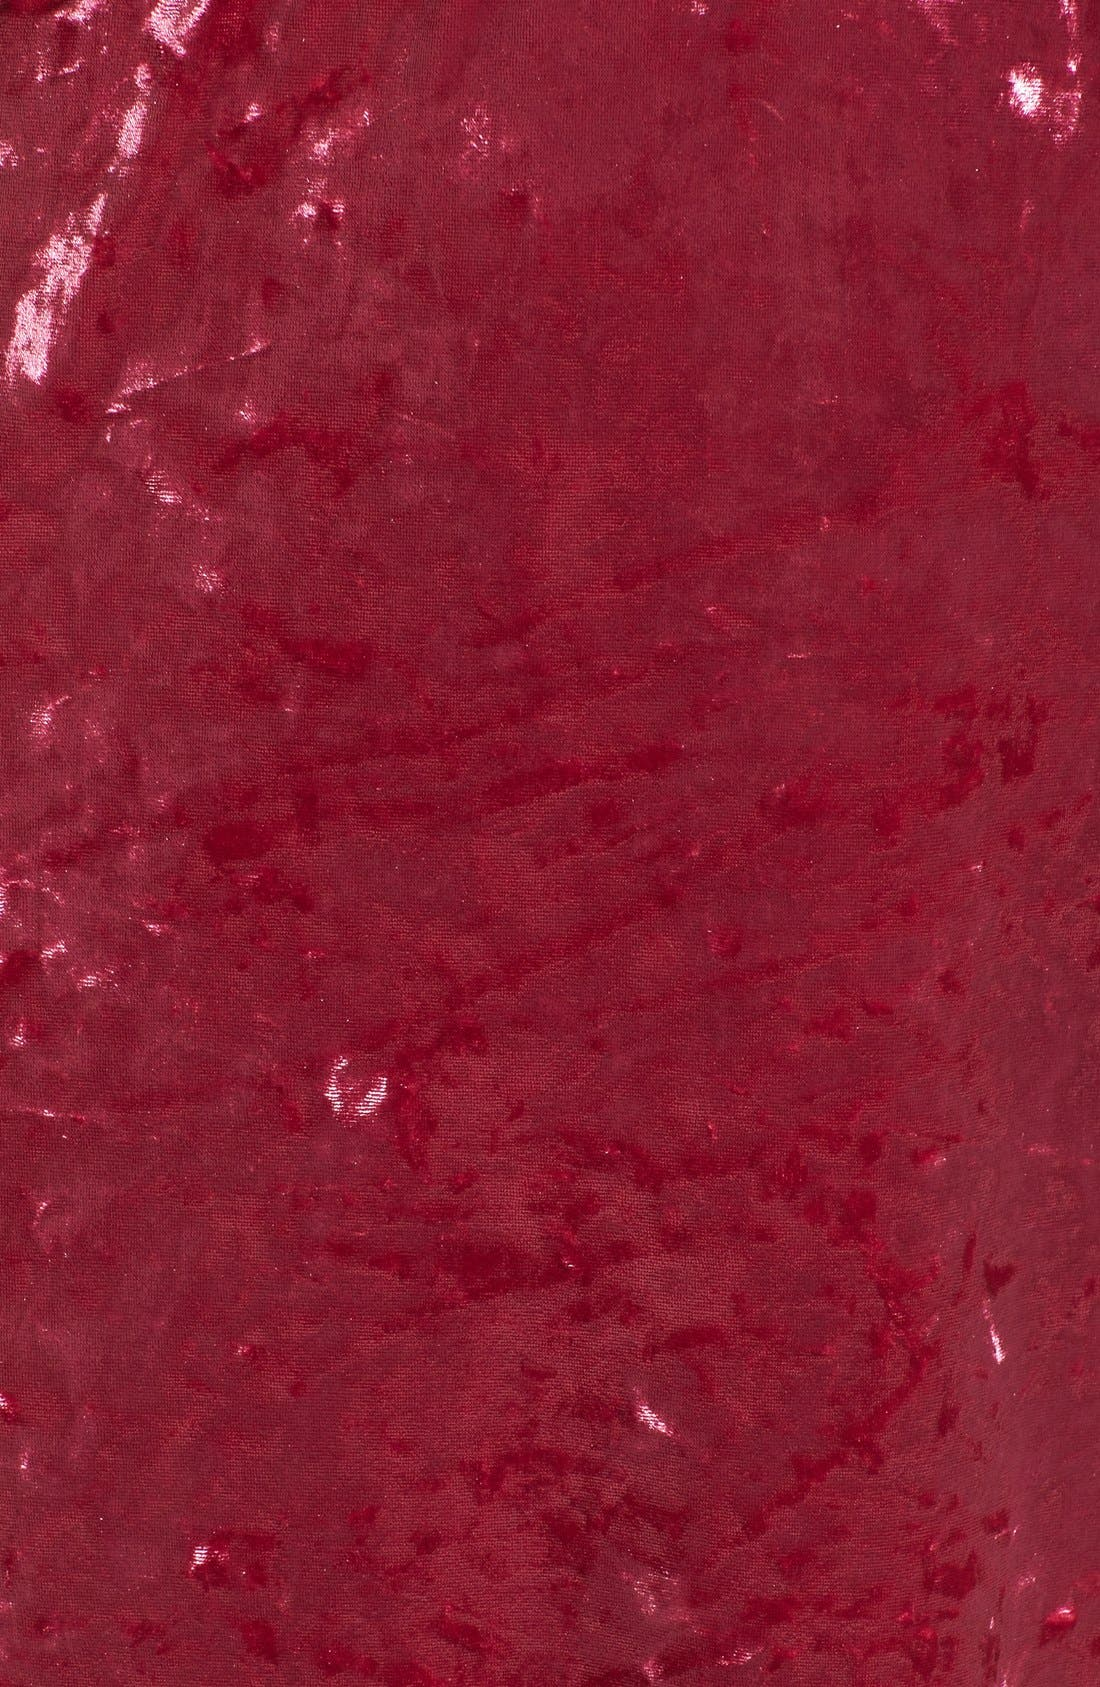 Velvet Maxi Slipdress,                             Alternate thumbnail 7, color,                             938